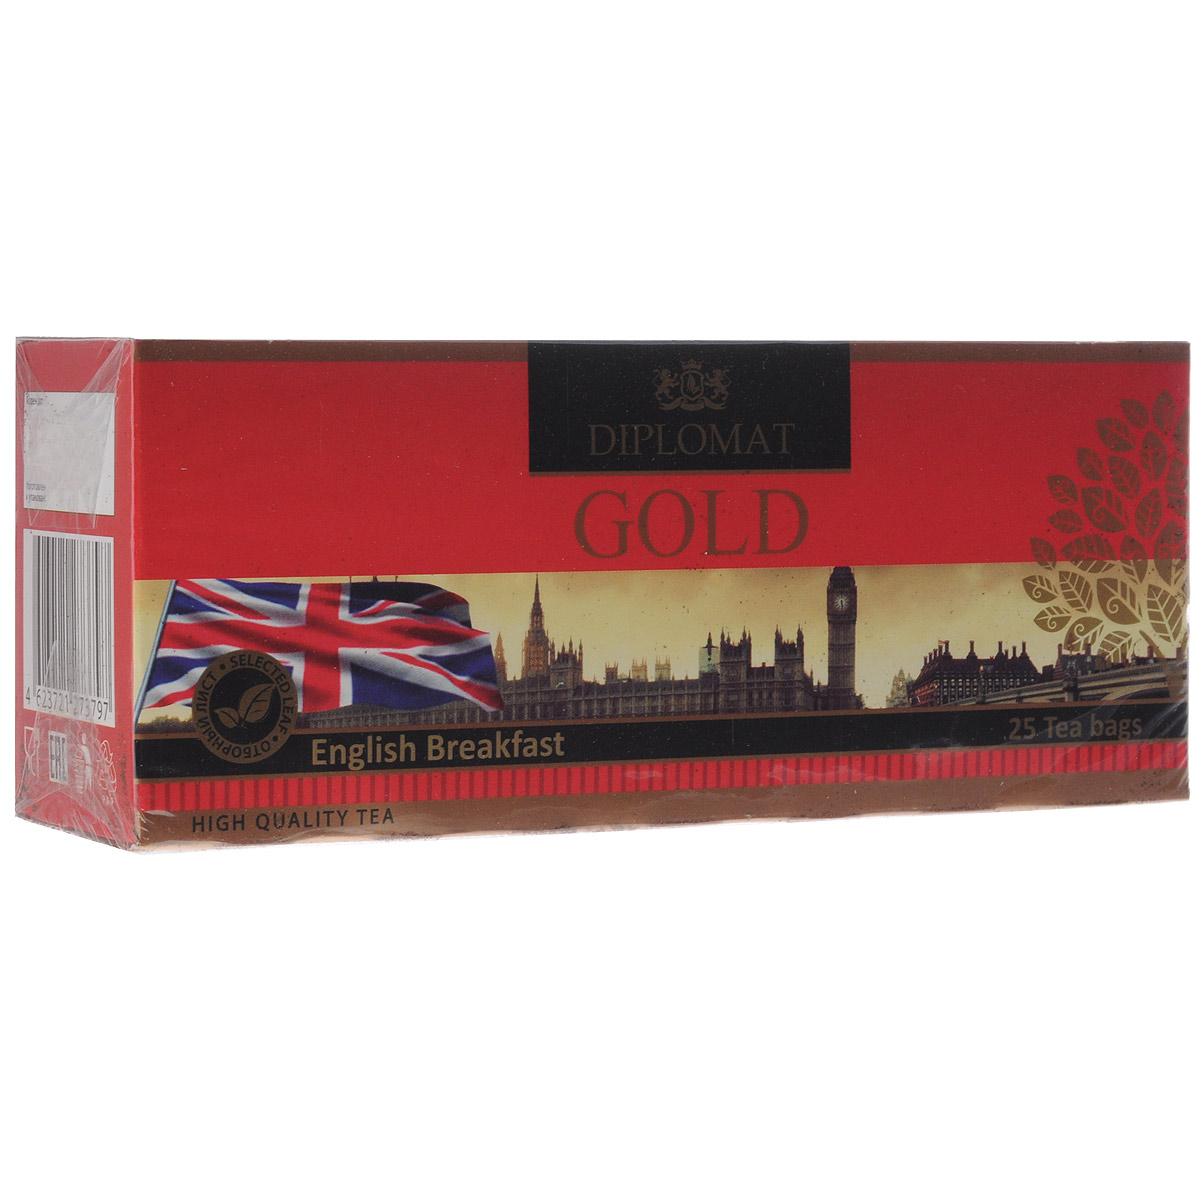 Diplomat English Breakfast черный чай в пакетиках, 25 шт.4623721273797За чашкой этого чая, ощущения перенесут Вас в старую добрую Англию, окунув в атмосферу неторопливой светской беседы английской аристократии. Яркий рубиновый прозрачный настой, аромат приятный с цветочно-медовыми нотками, вкус нежный, сладковато-терпкий.